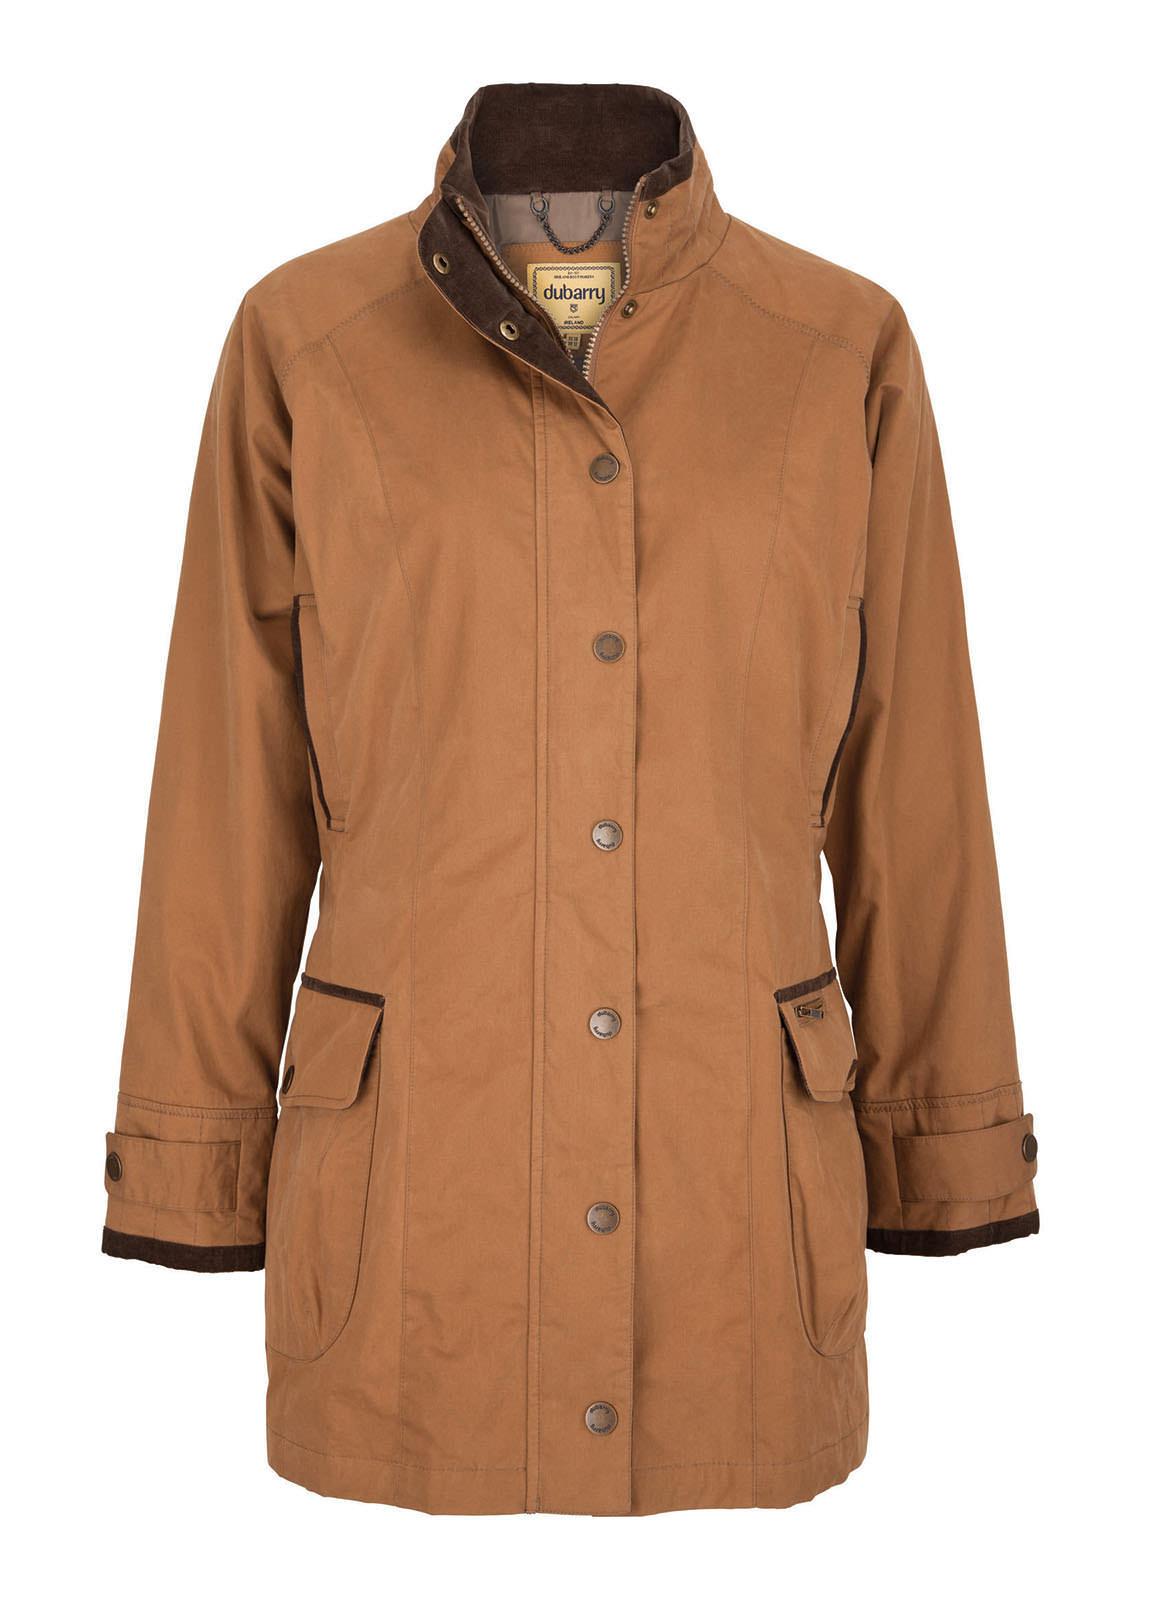 Dubarry_Lavery Ladies Waterproof Jacket - Woodrose_Image_2